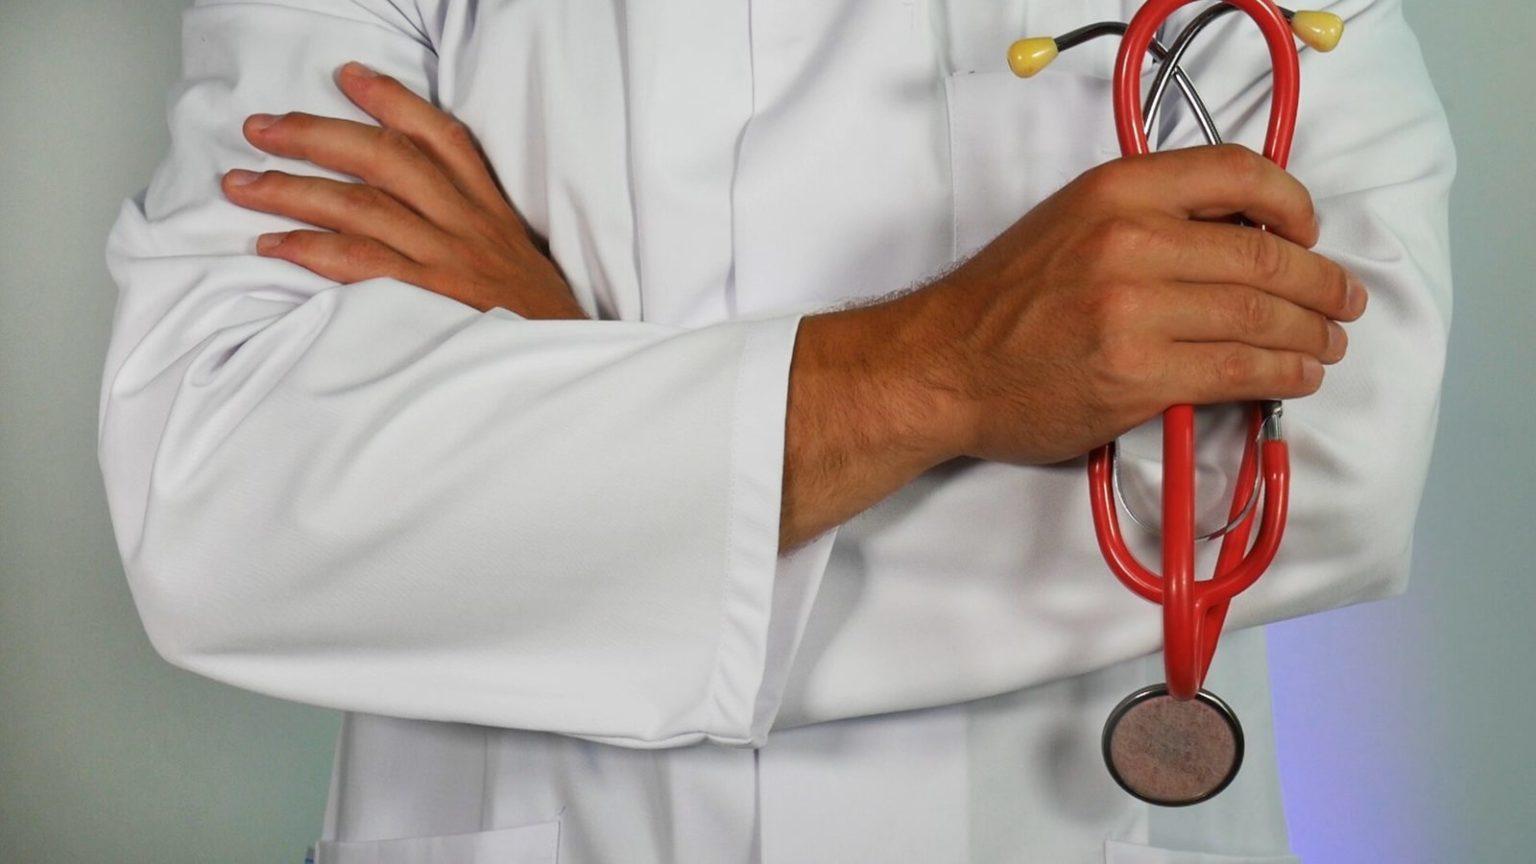 Medizinrecht/ Kommunikationsverschulden eines Arztes